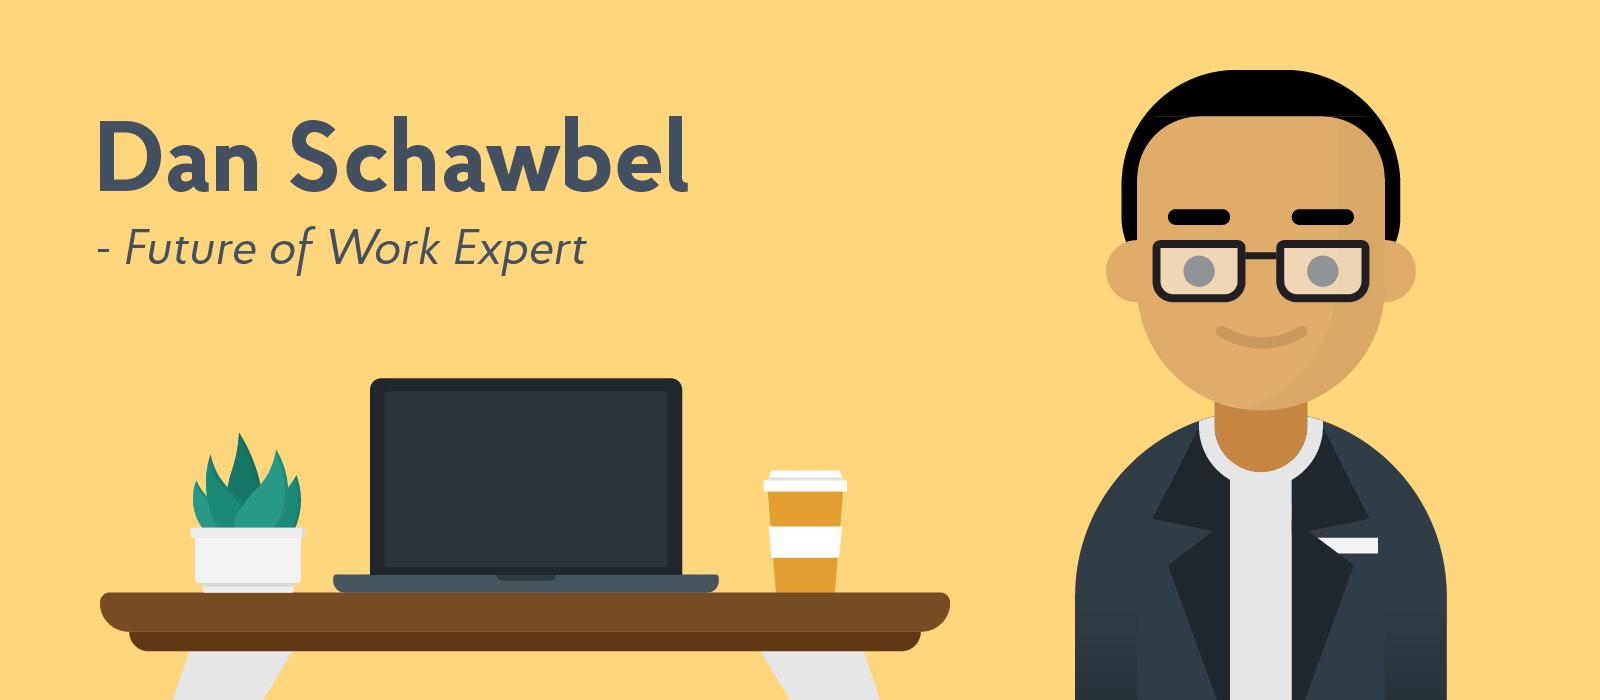 Dan Schawbel career influencer